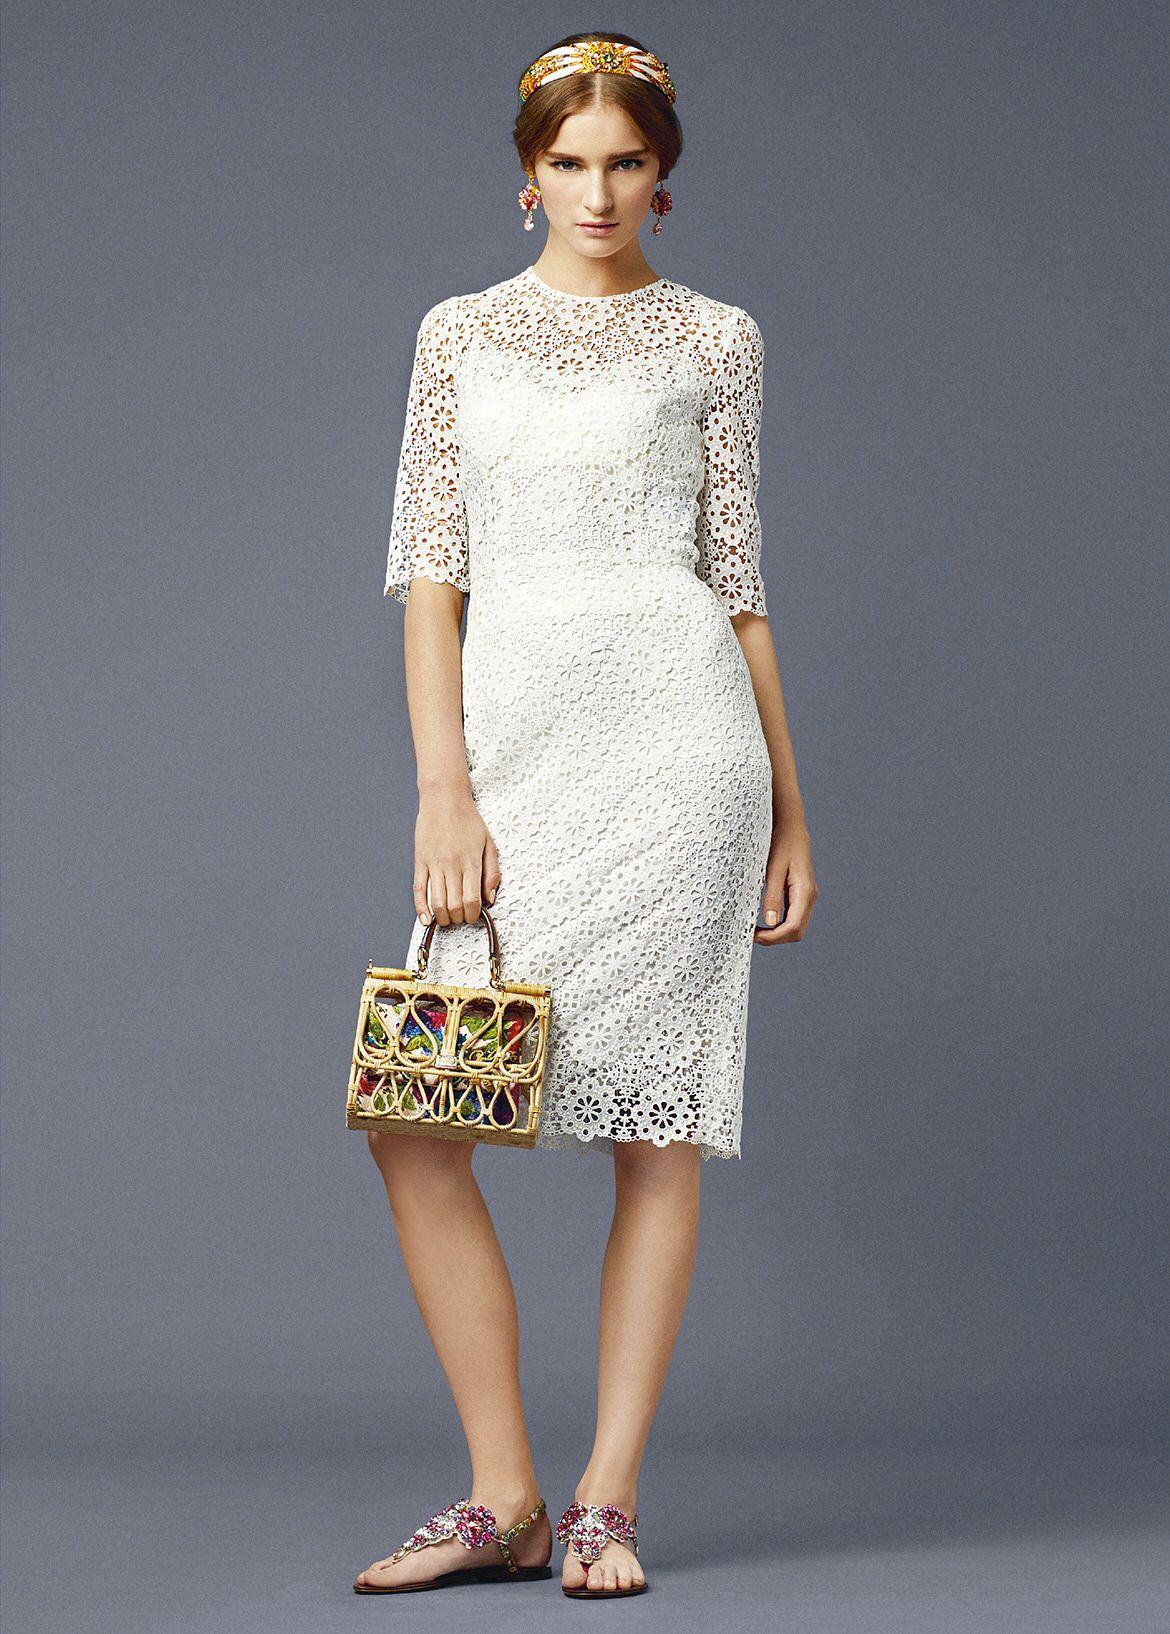 Dolce & Gabbana2014